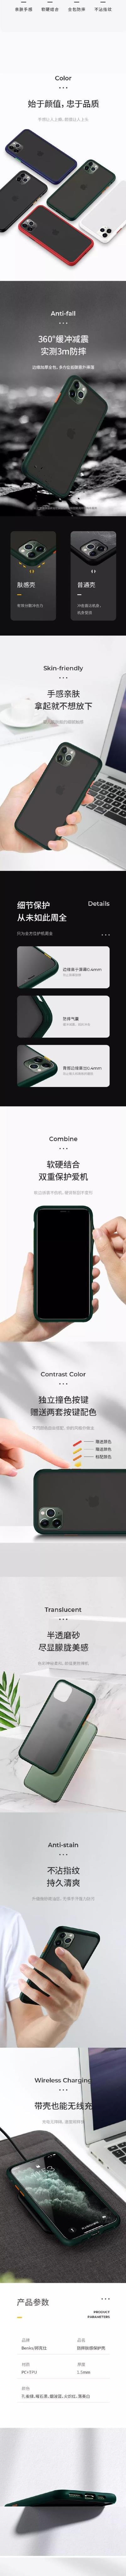 一次就够了!壳膜线充电器充电宝-iPhone11系列benks大套装